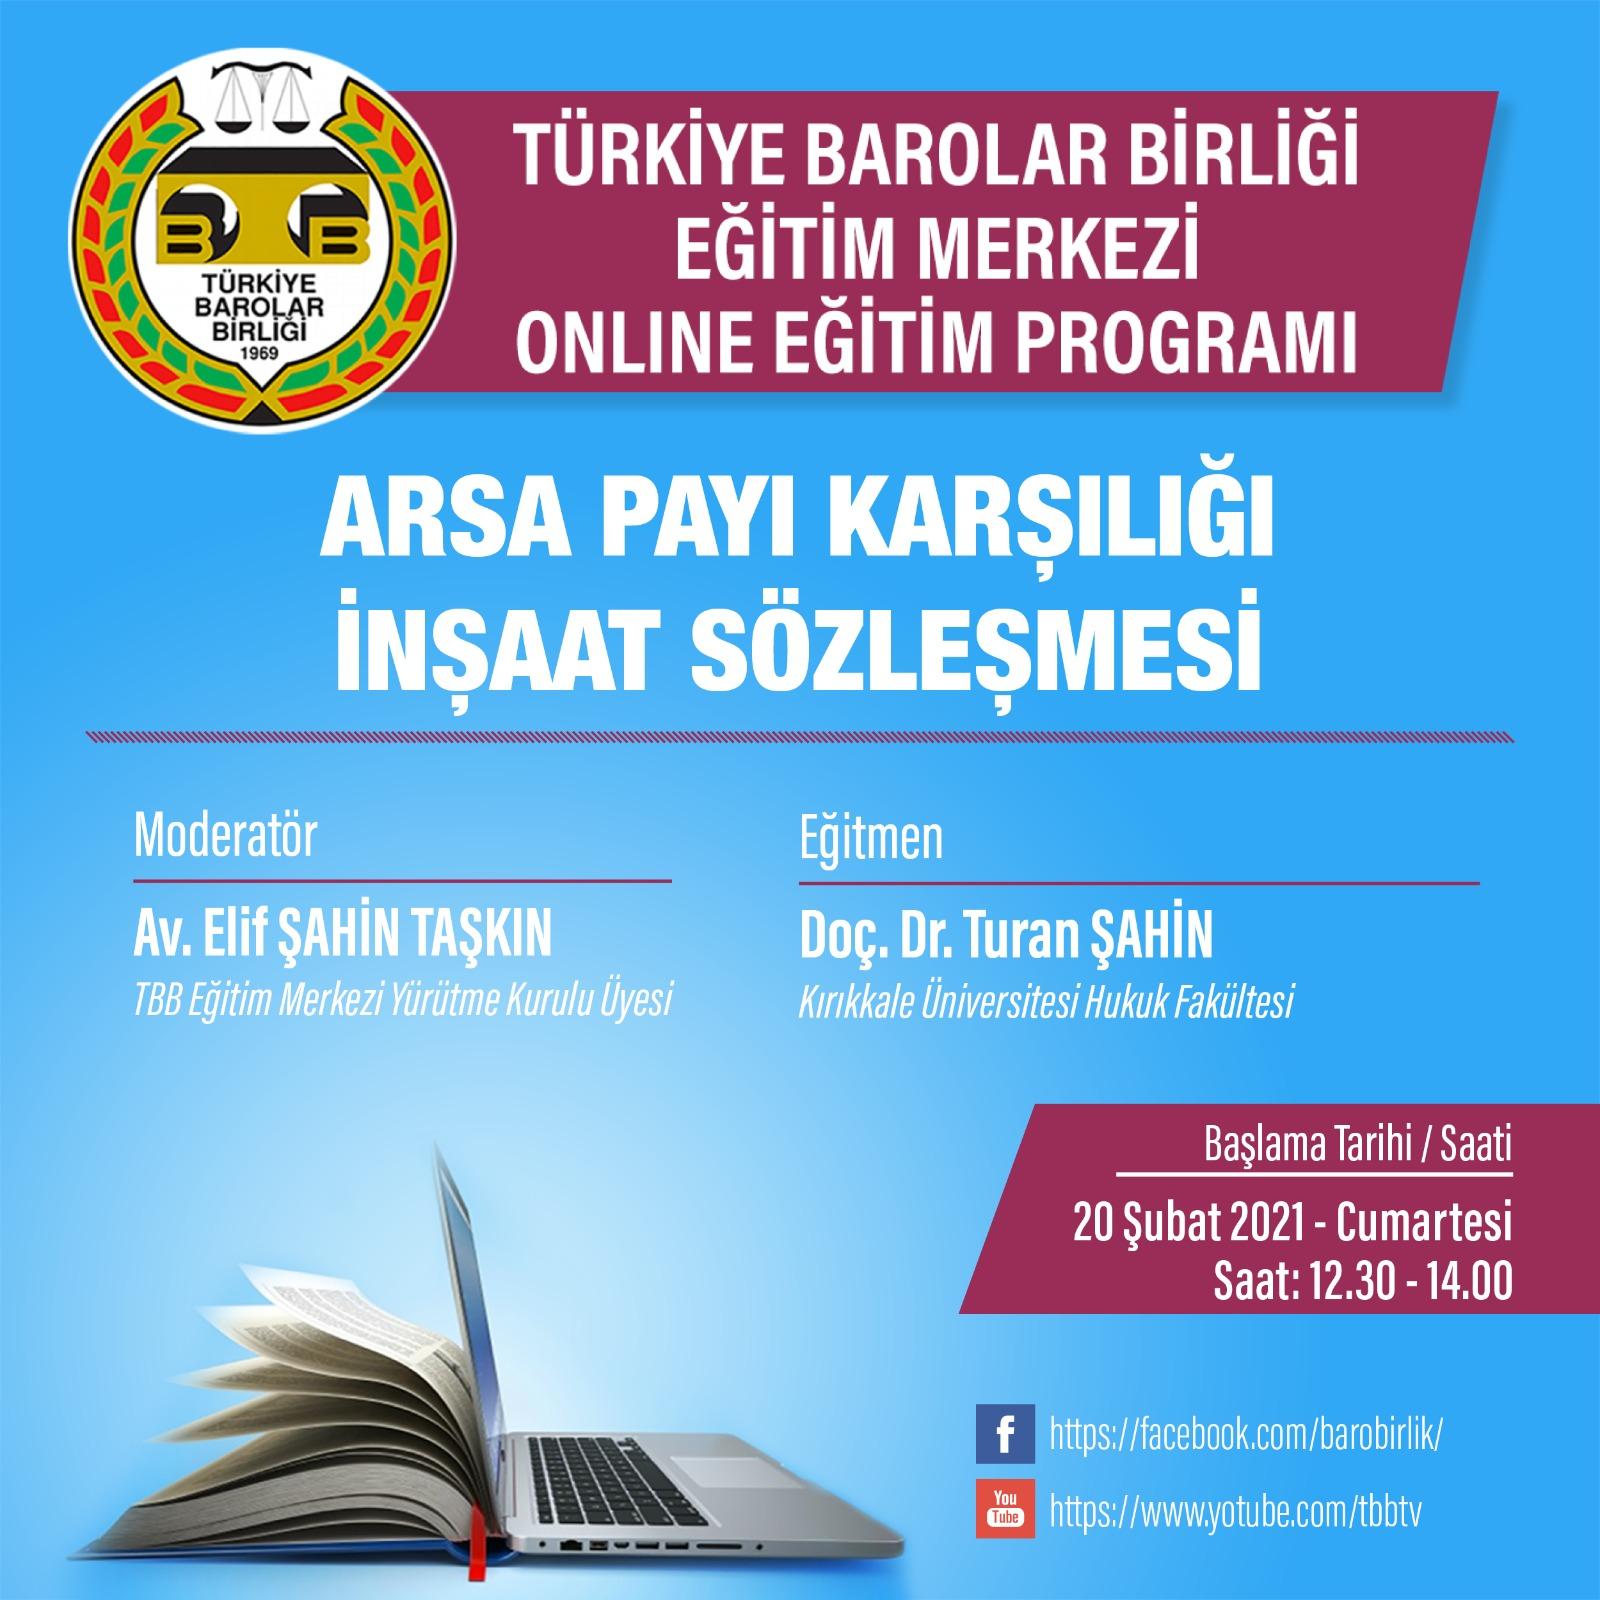 TBB Eğitim Merkezi Online Eğitim 20.02.2021